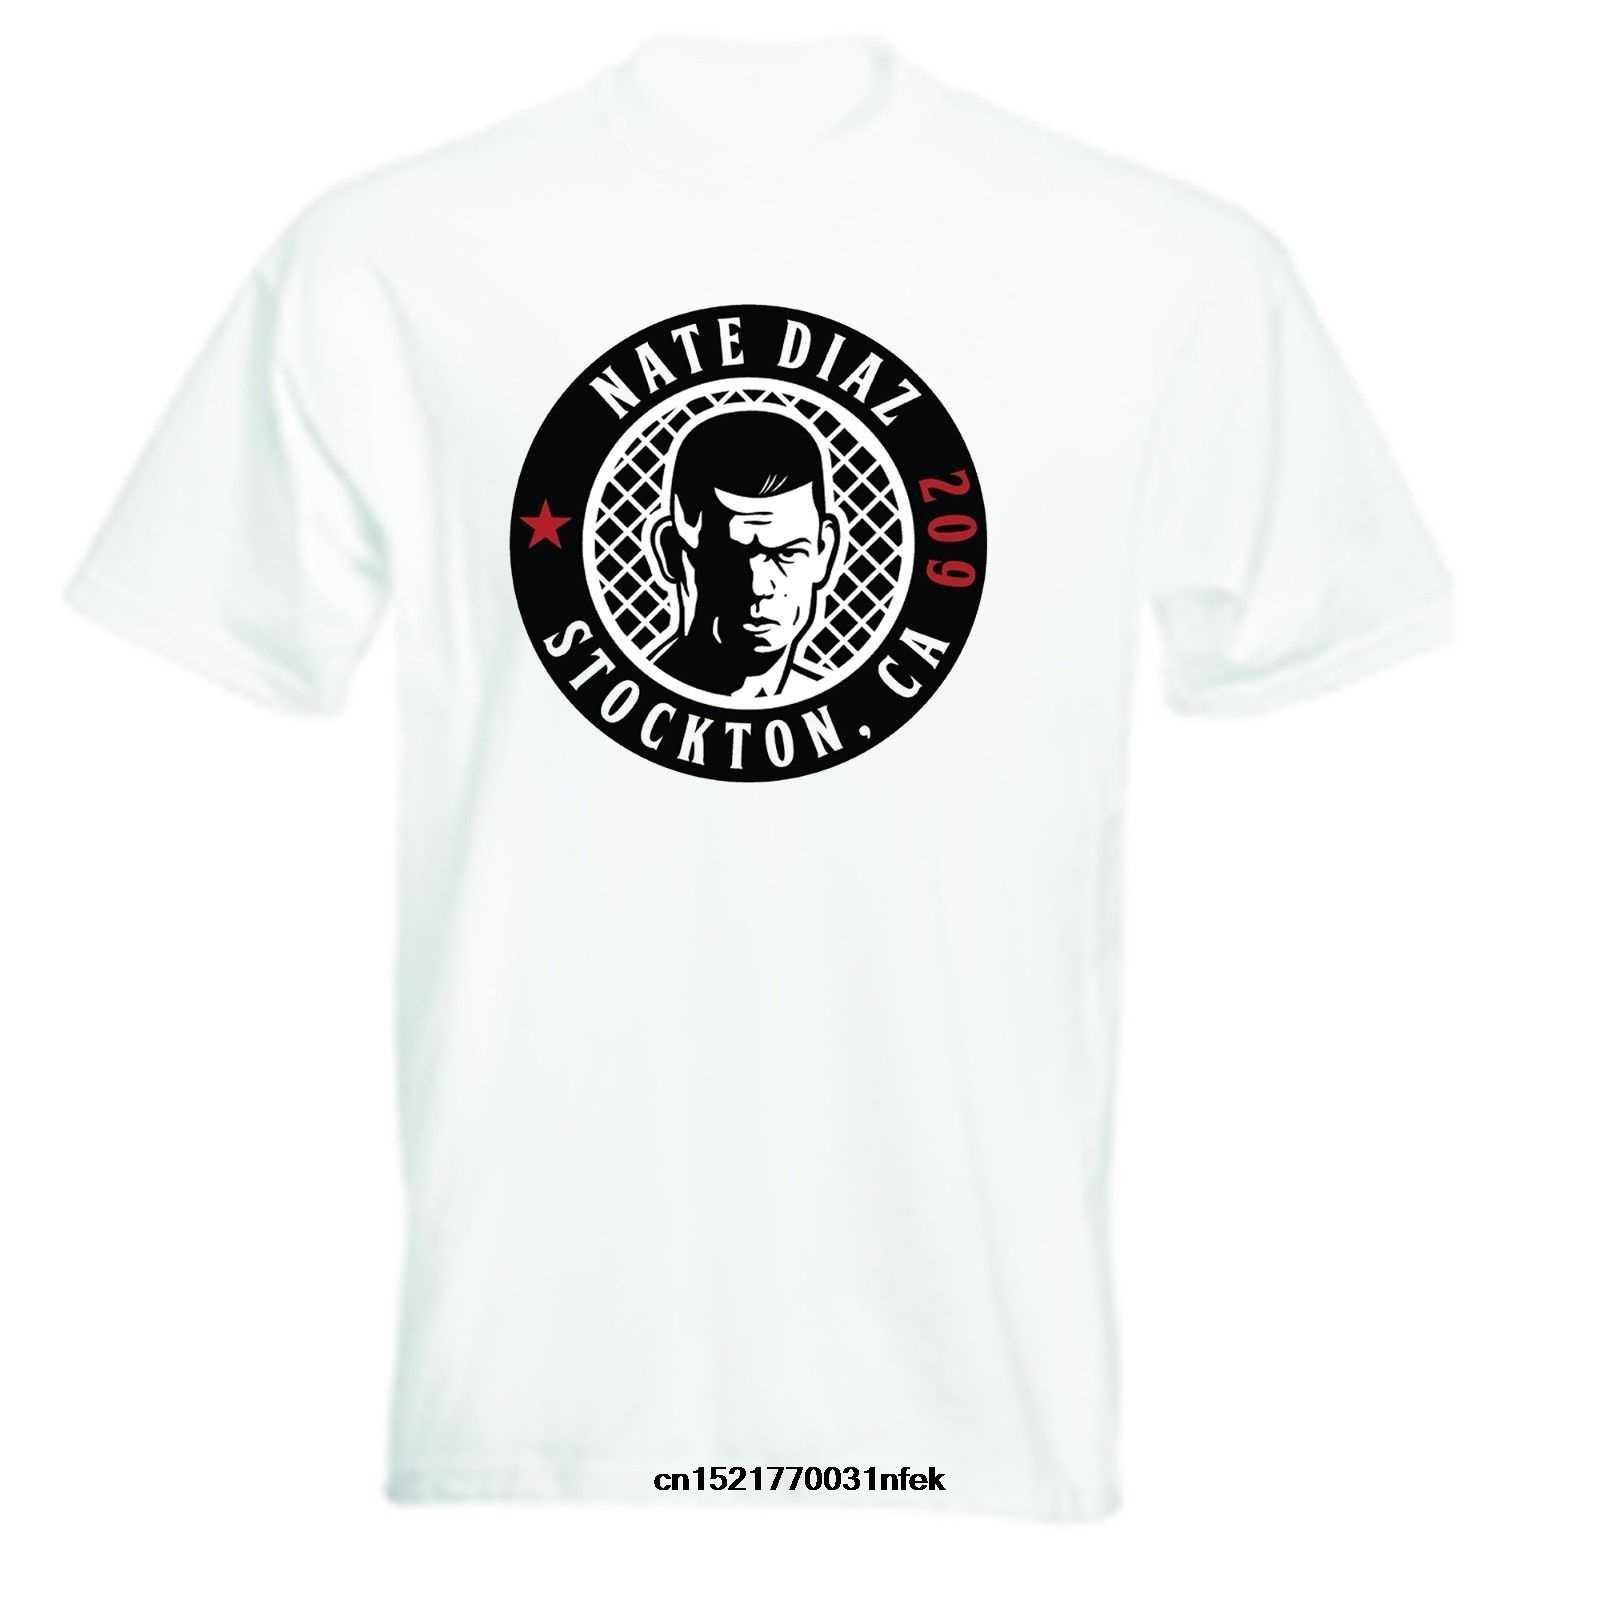 Los hombres T camisa Nate Diaz 209 inspirado T camisa s cuello redondo de manga corta Casual camiseta divertida novedad camiseta Mujer